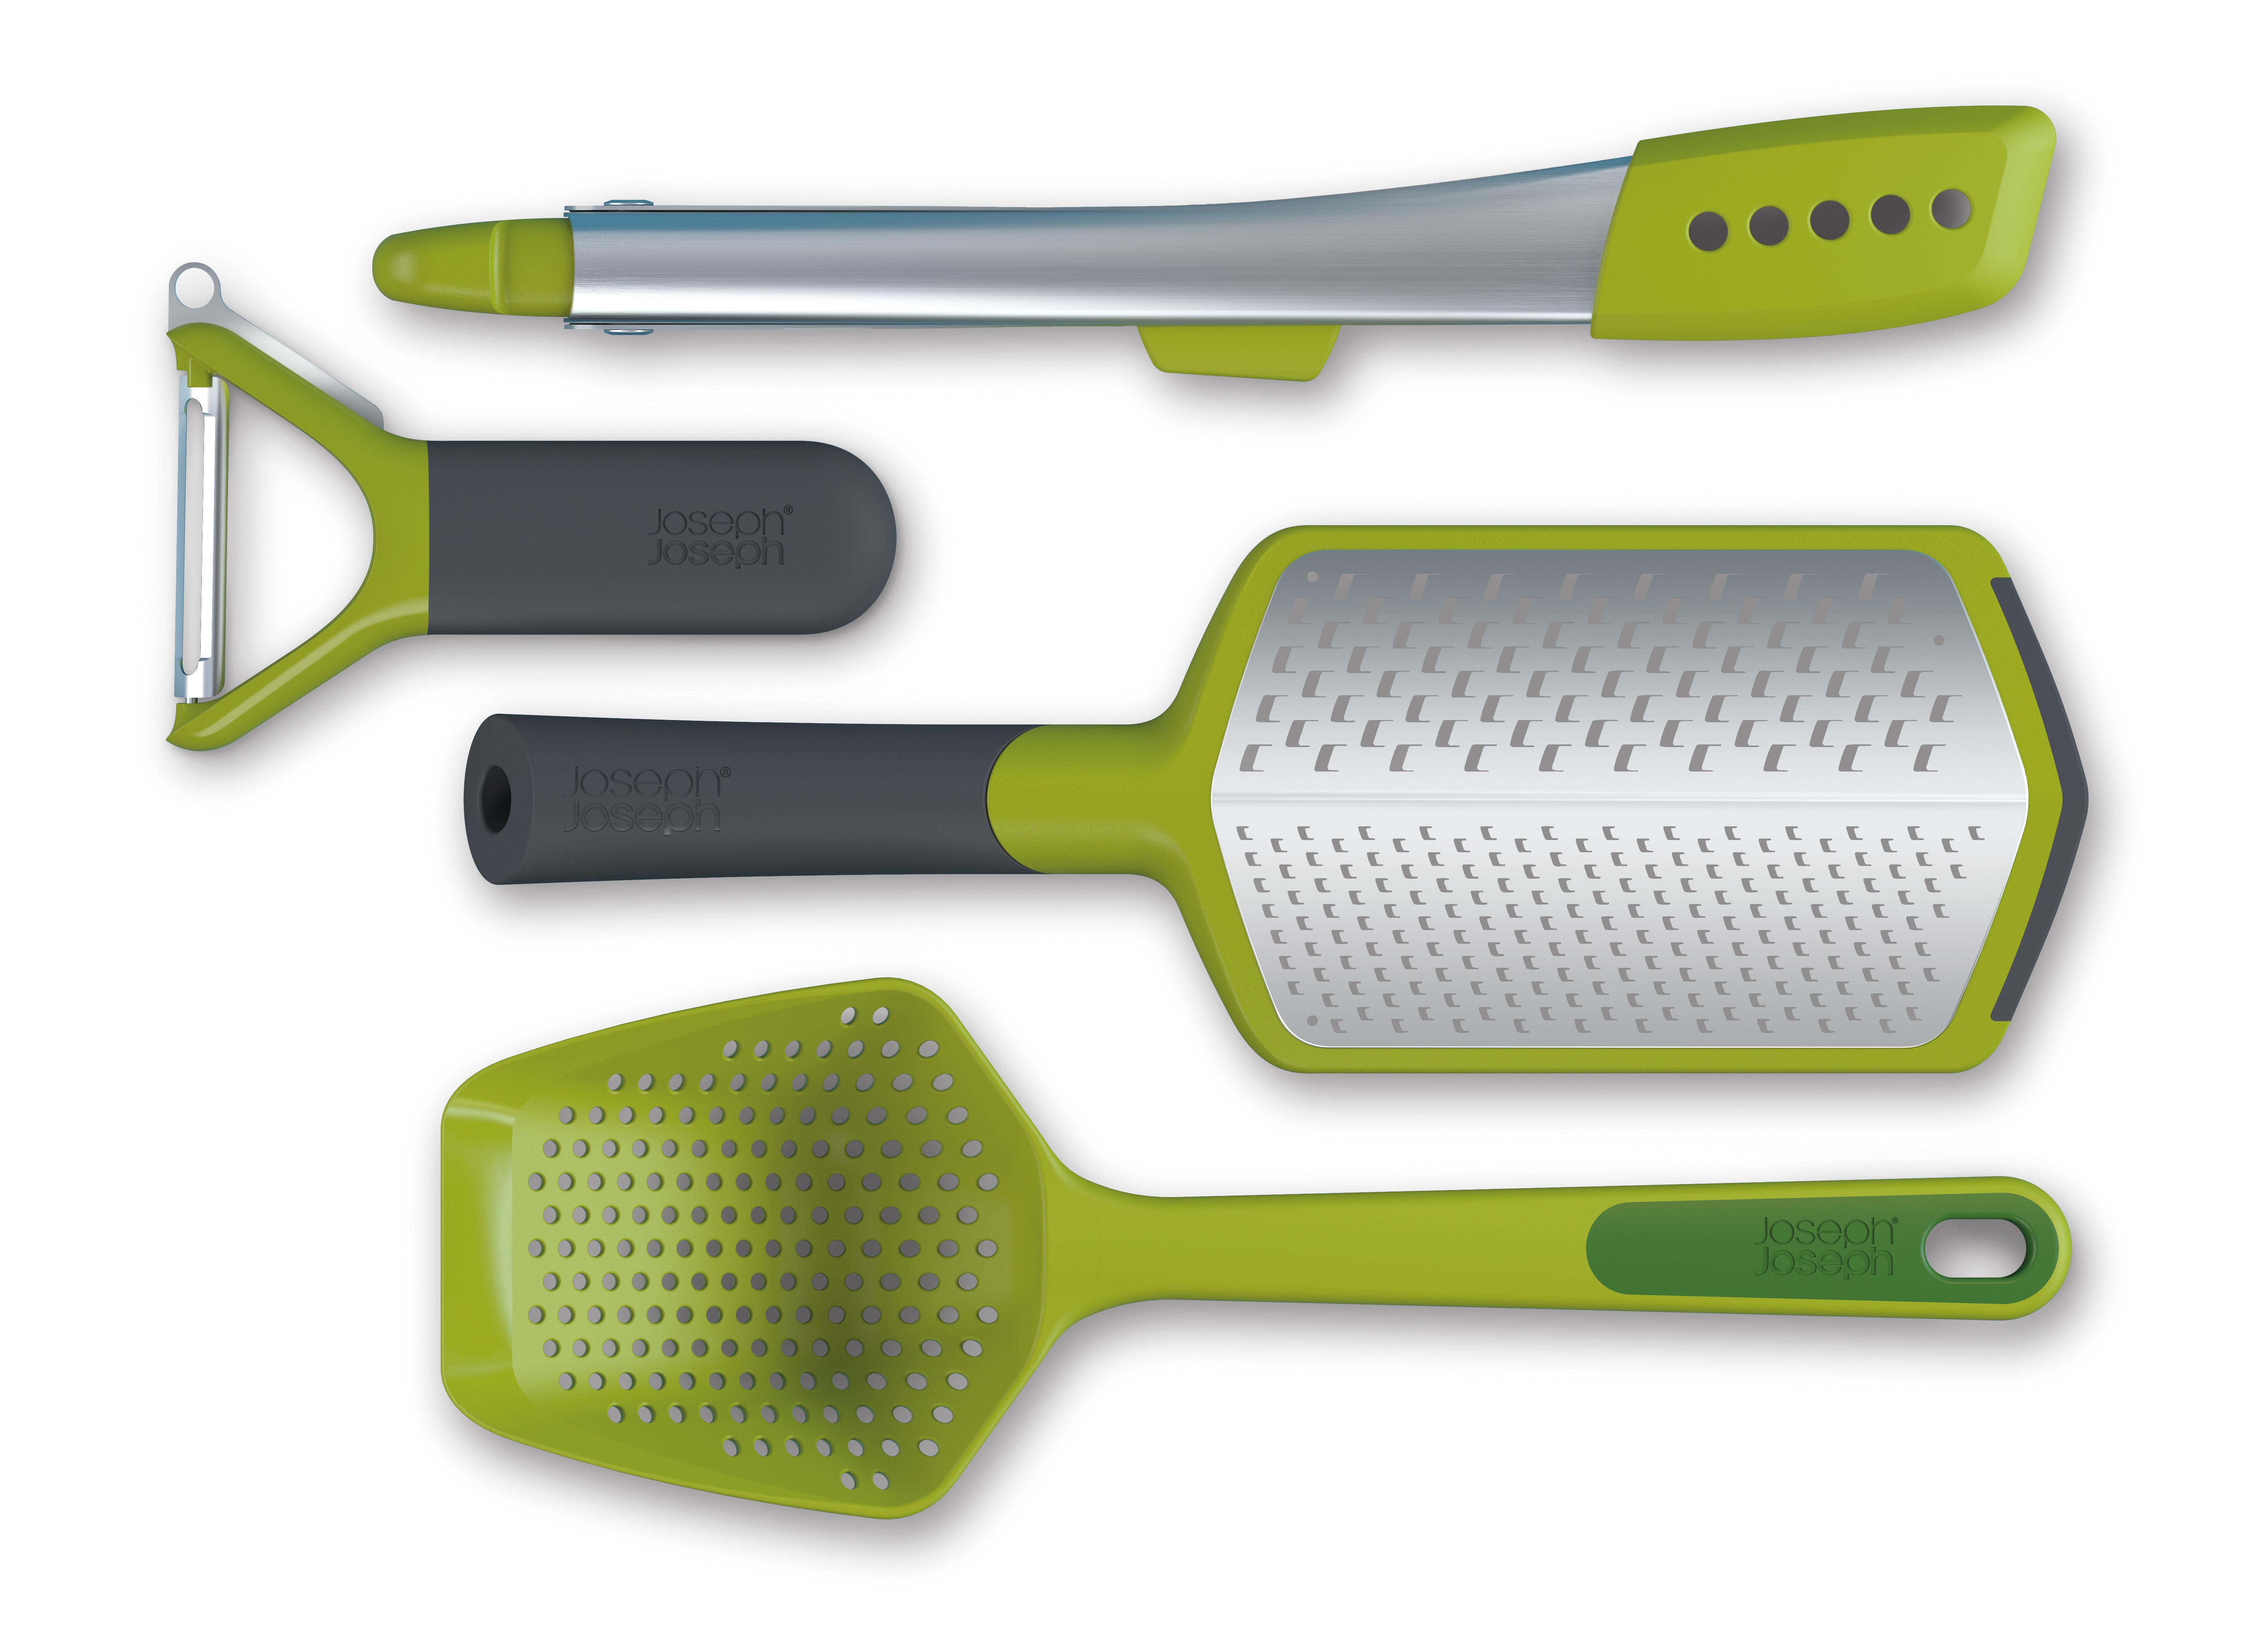 Cuisine - Ustensiles de cuisines - Ustensile de cuisine L'Indispensable / Set de 4 pièces - Joseph Joseph - Vert / Acier - Acier inoxydable, Matière plastique